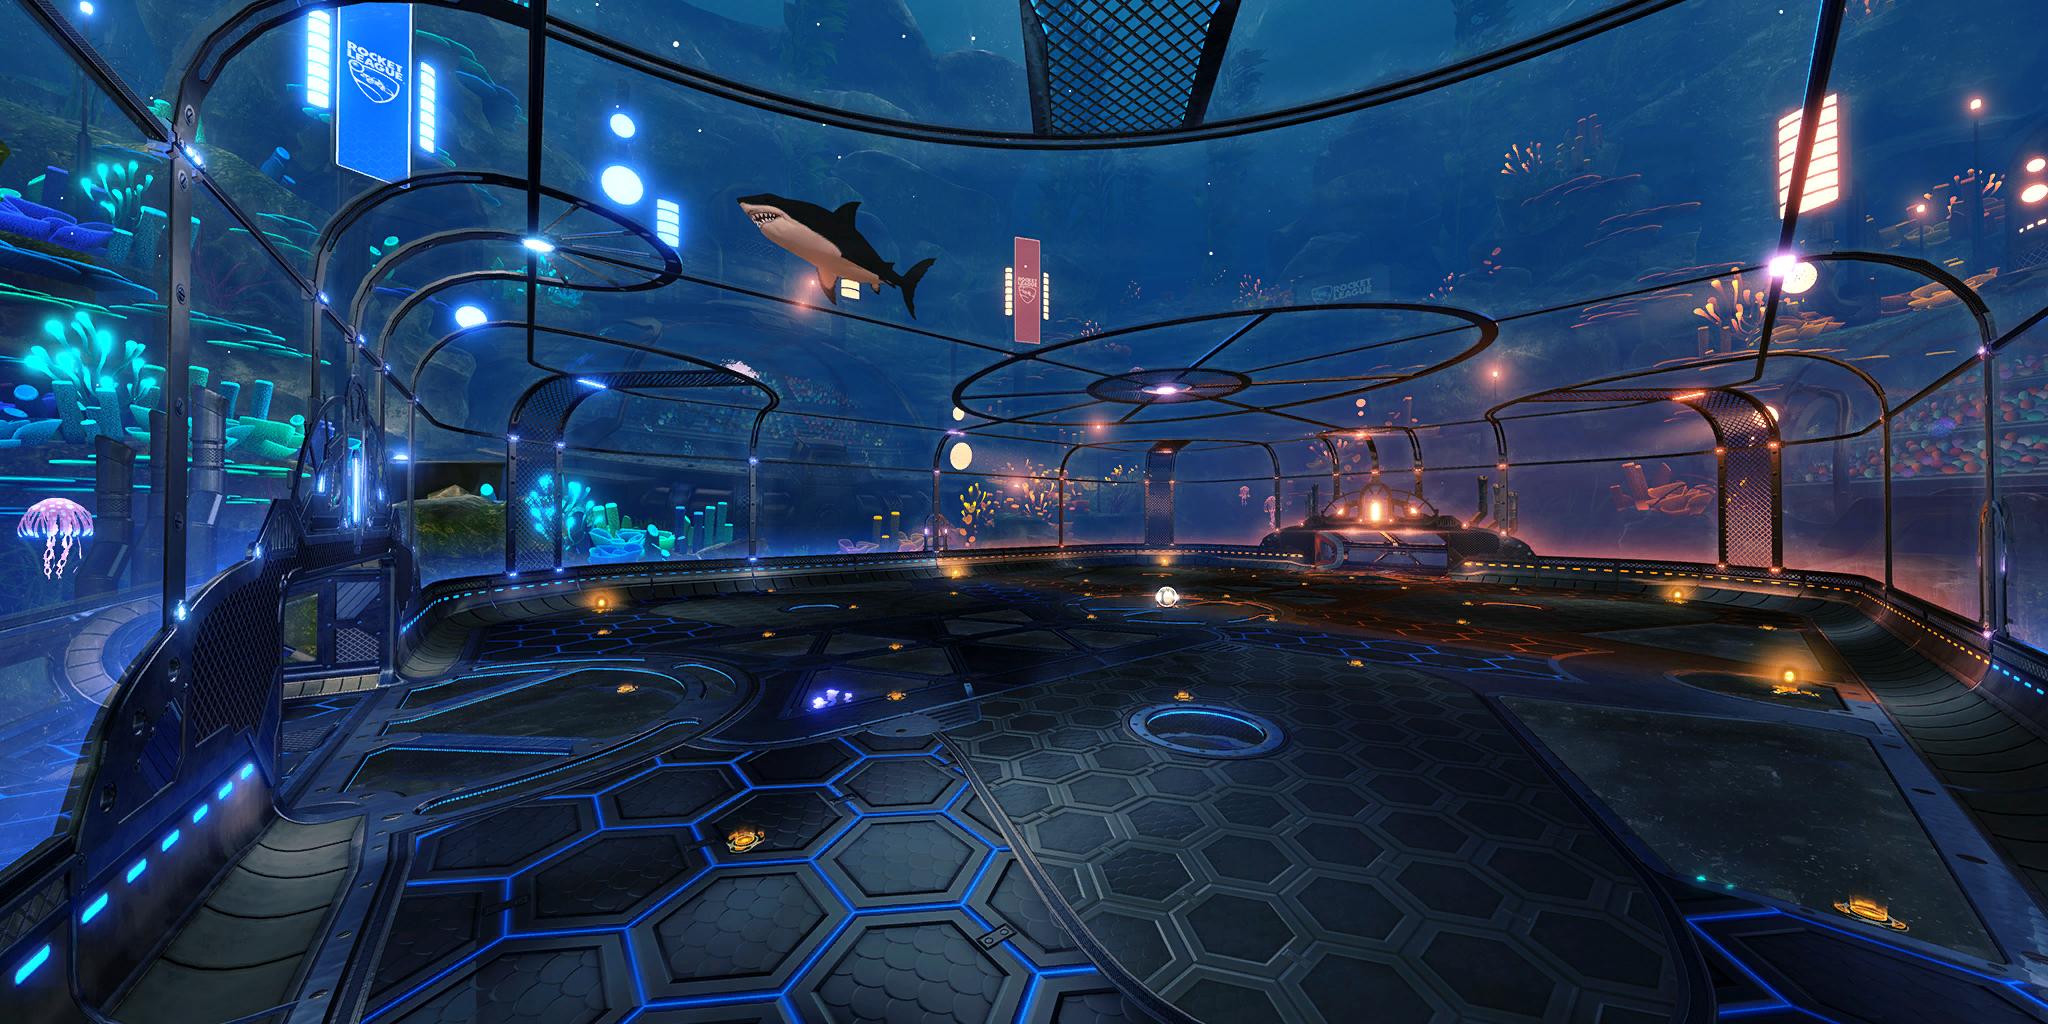 Rocket League Garage >> Arena | Rocket League Wiki | FANDOM powered by Wikia